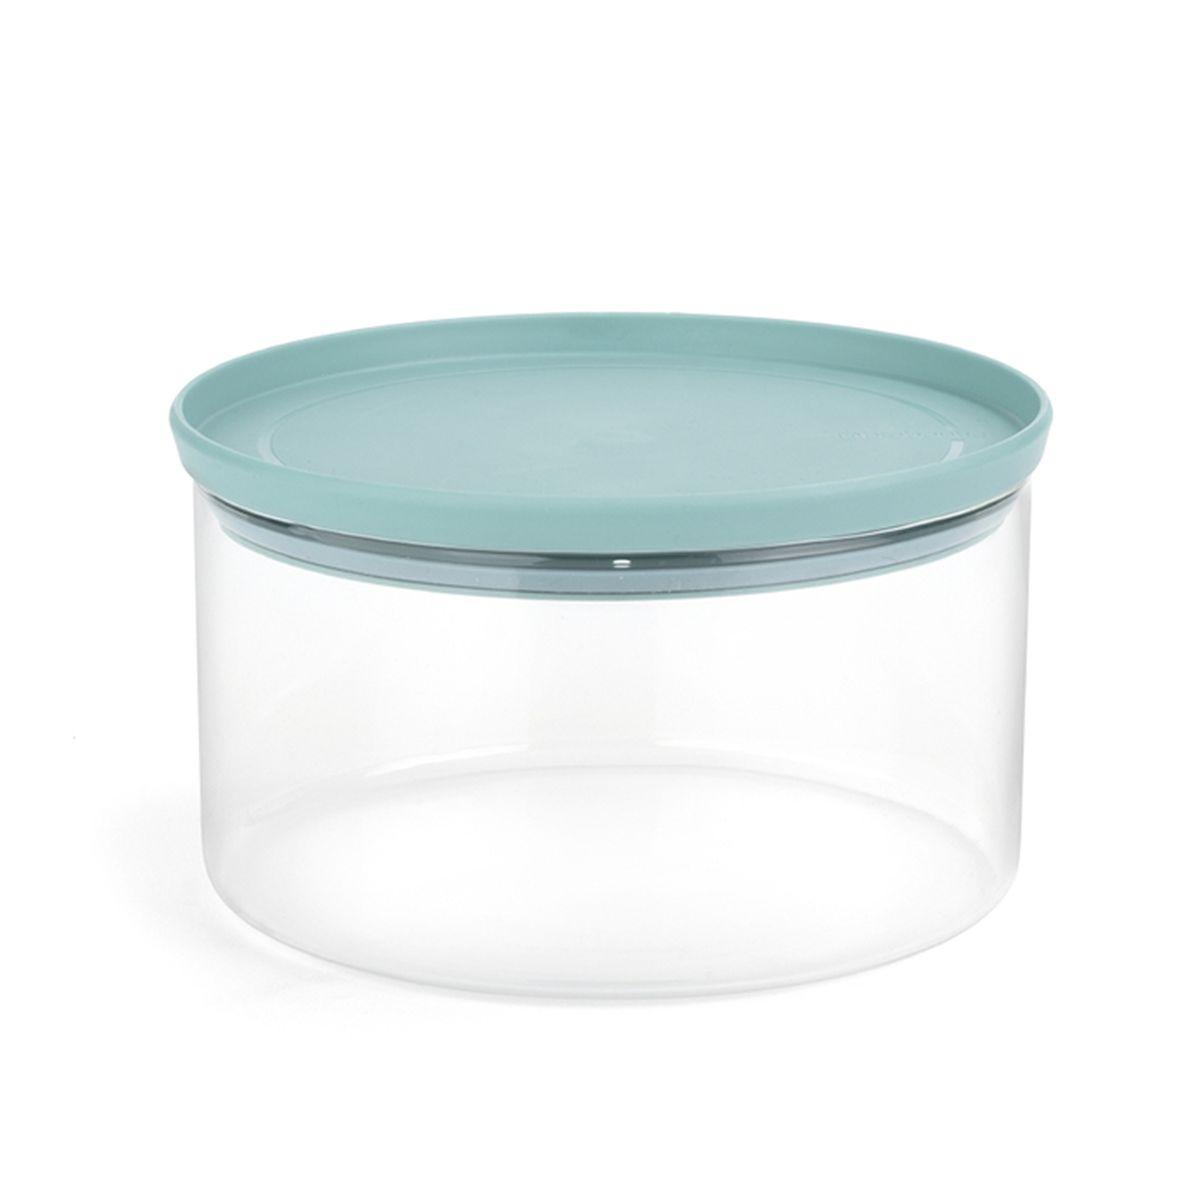 Банка для сыпучих продуктов Brabantia, 2,5 л. 110641110641Печенье и другие продукты дольше сохраняют свежесть – герметичная крышка. Хорошо видно содержимое и его объем – прозрачное стекло. Легко моются – банки и крышки можно мыть в посудомоечной машине. Экономия места – модульная конструкция: банки составляются одна на другую.